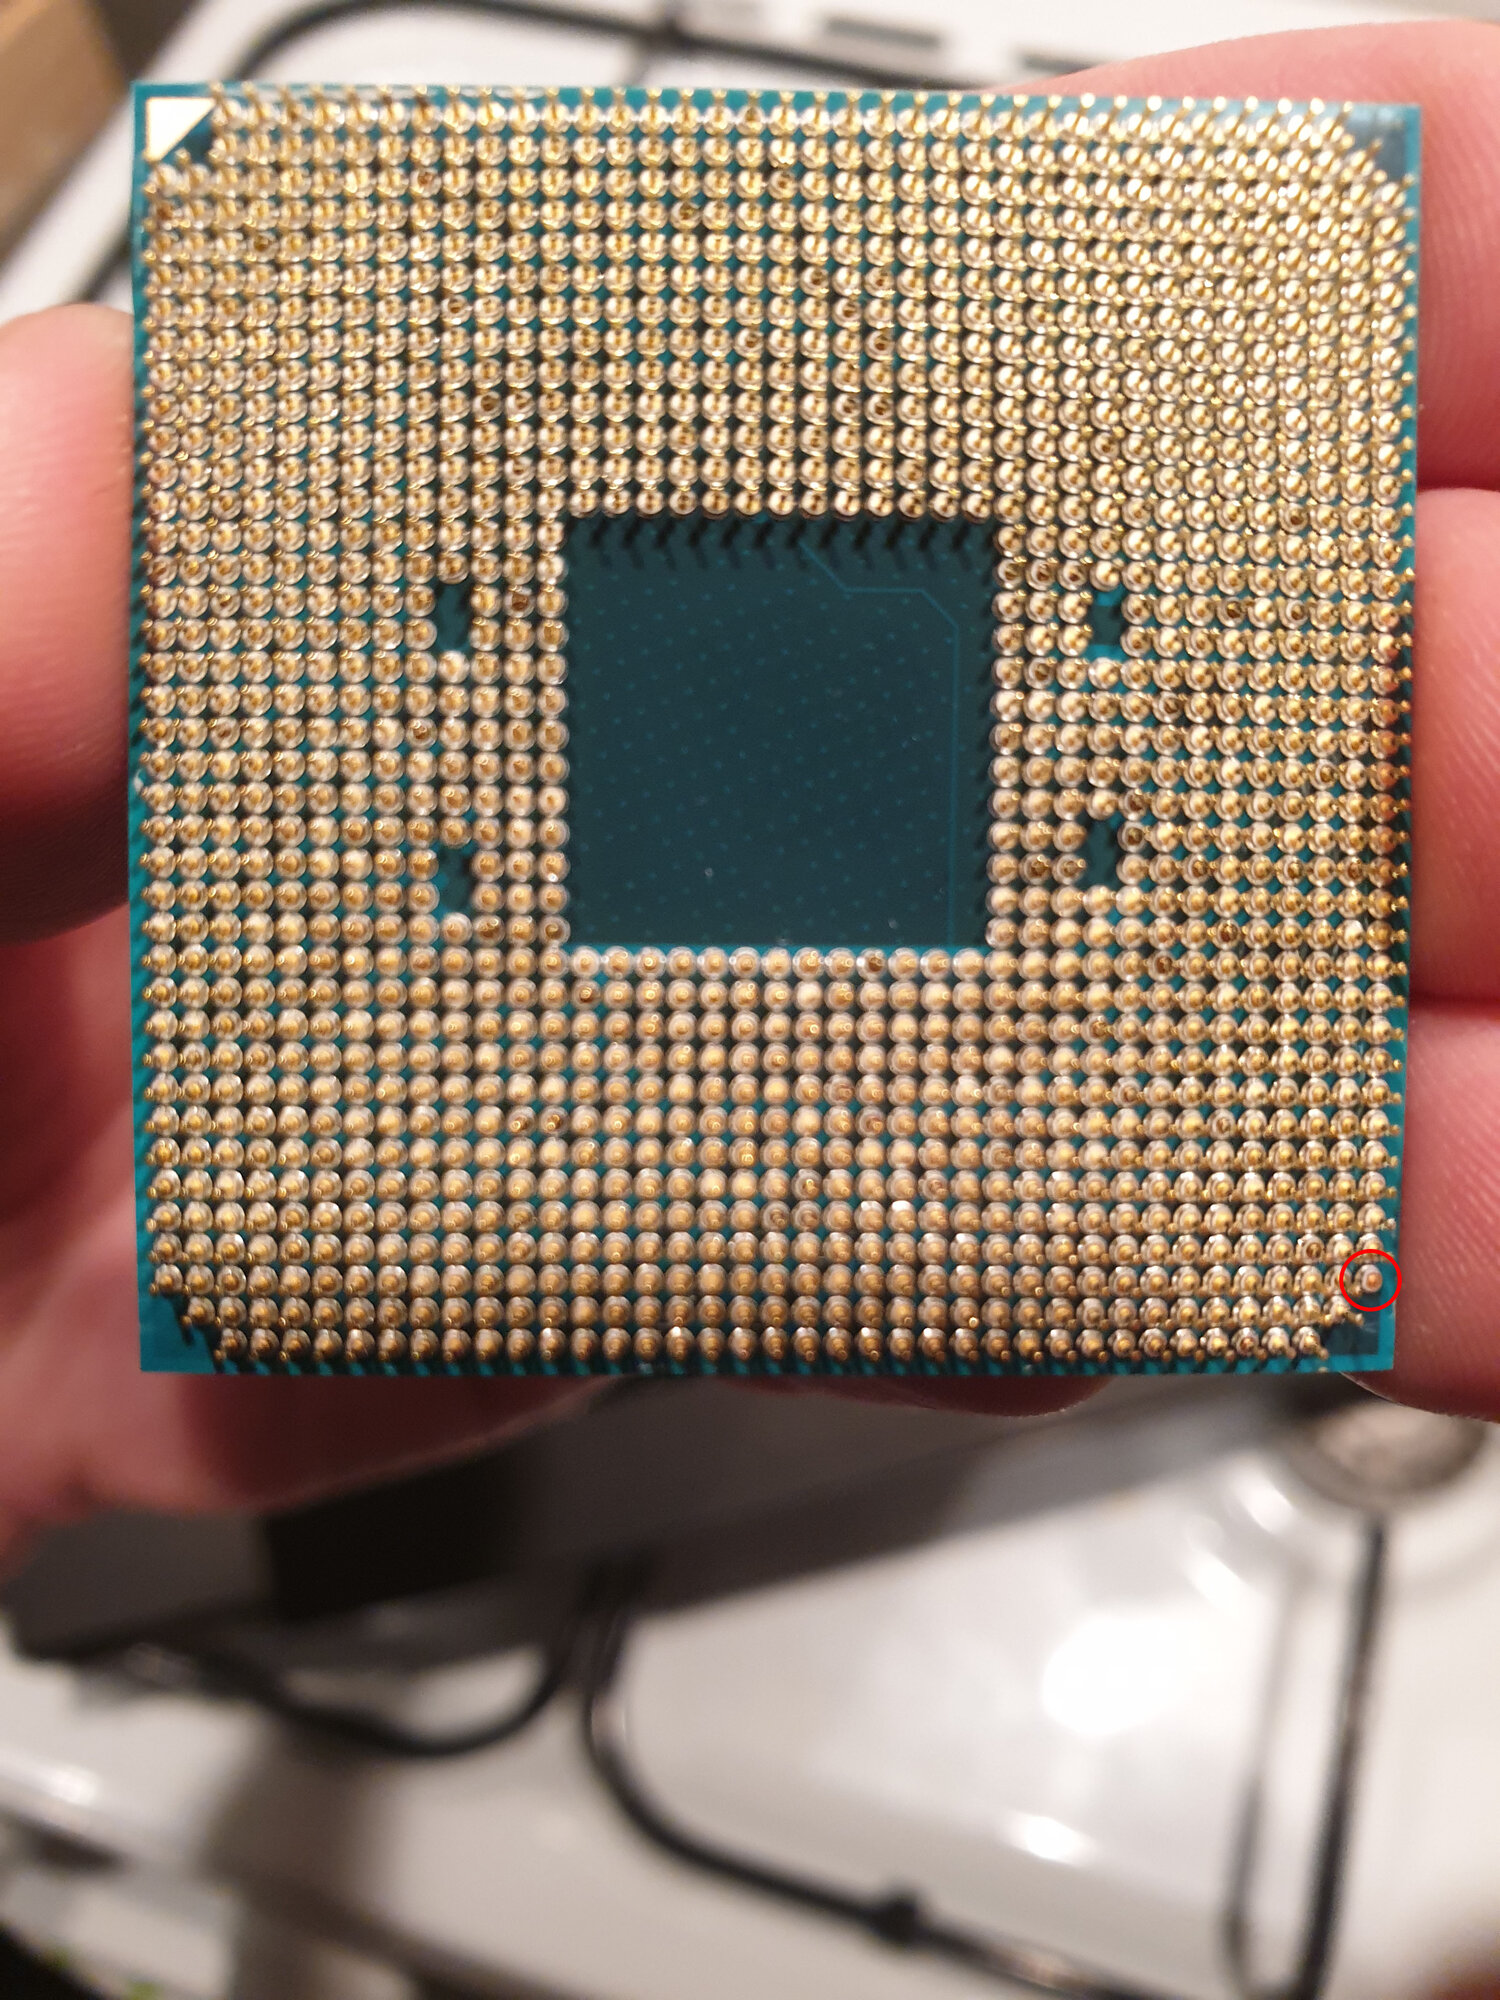 Missing A Corner Pin On My Ryzen 7 2700x Will It Still Work H Ard Forum